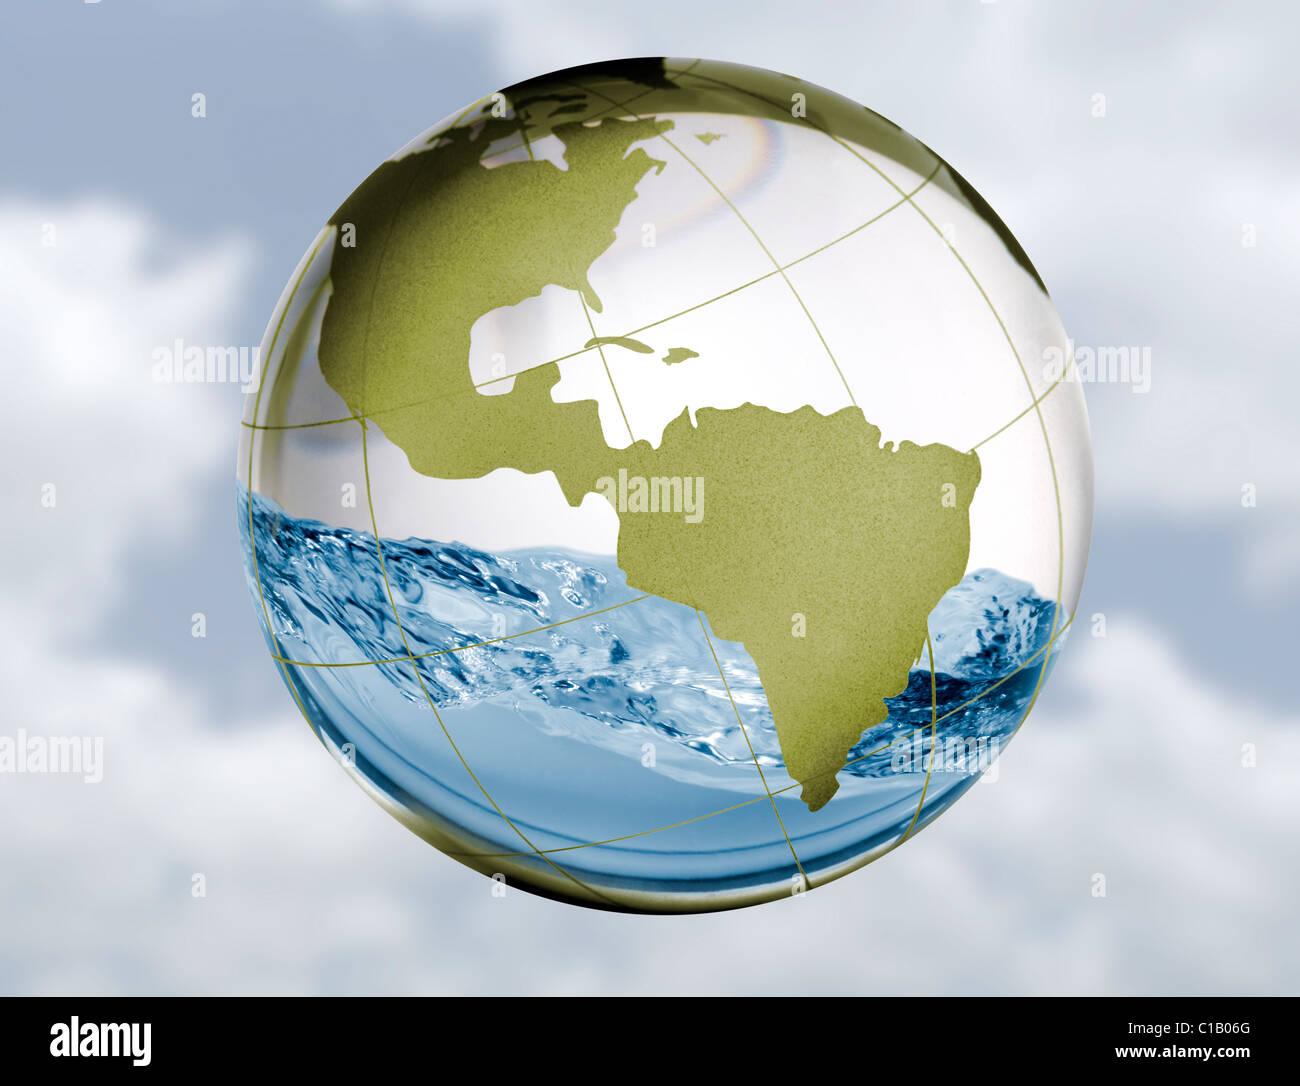 Un globo de cristal con agua agitándose dentro de una imagen concepto de agua dulce temas tales como alimentación, Imagen De Stock